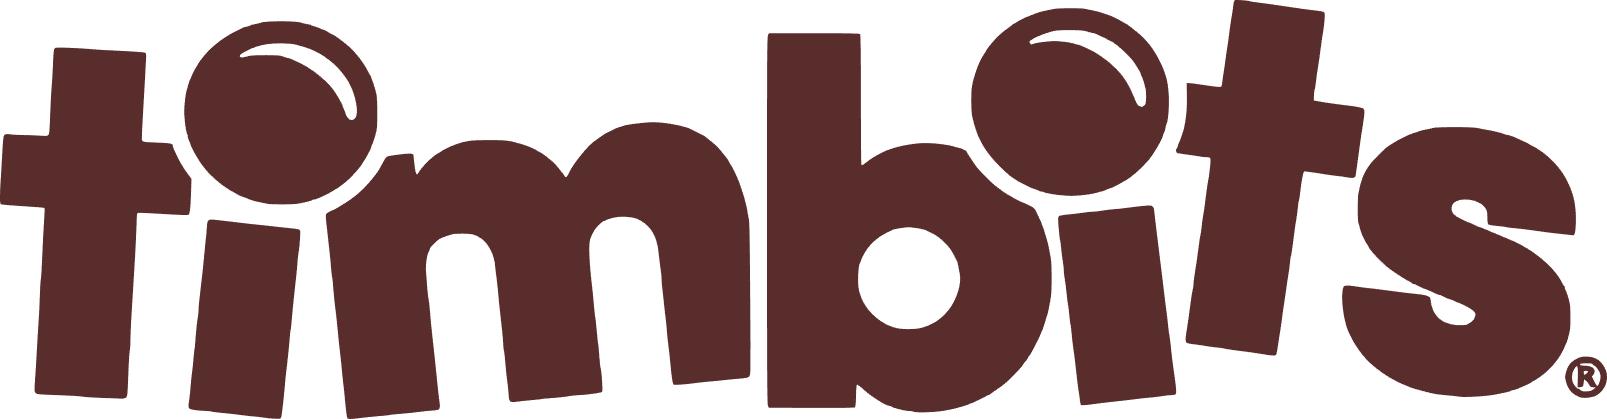 Timbits_Softball